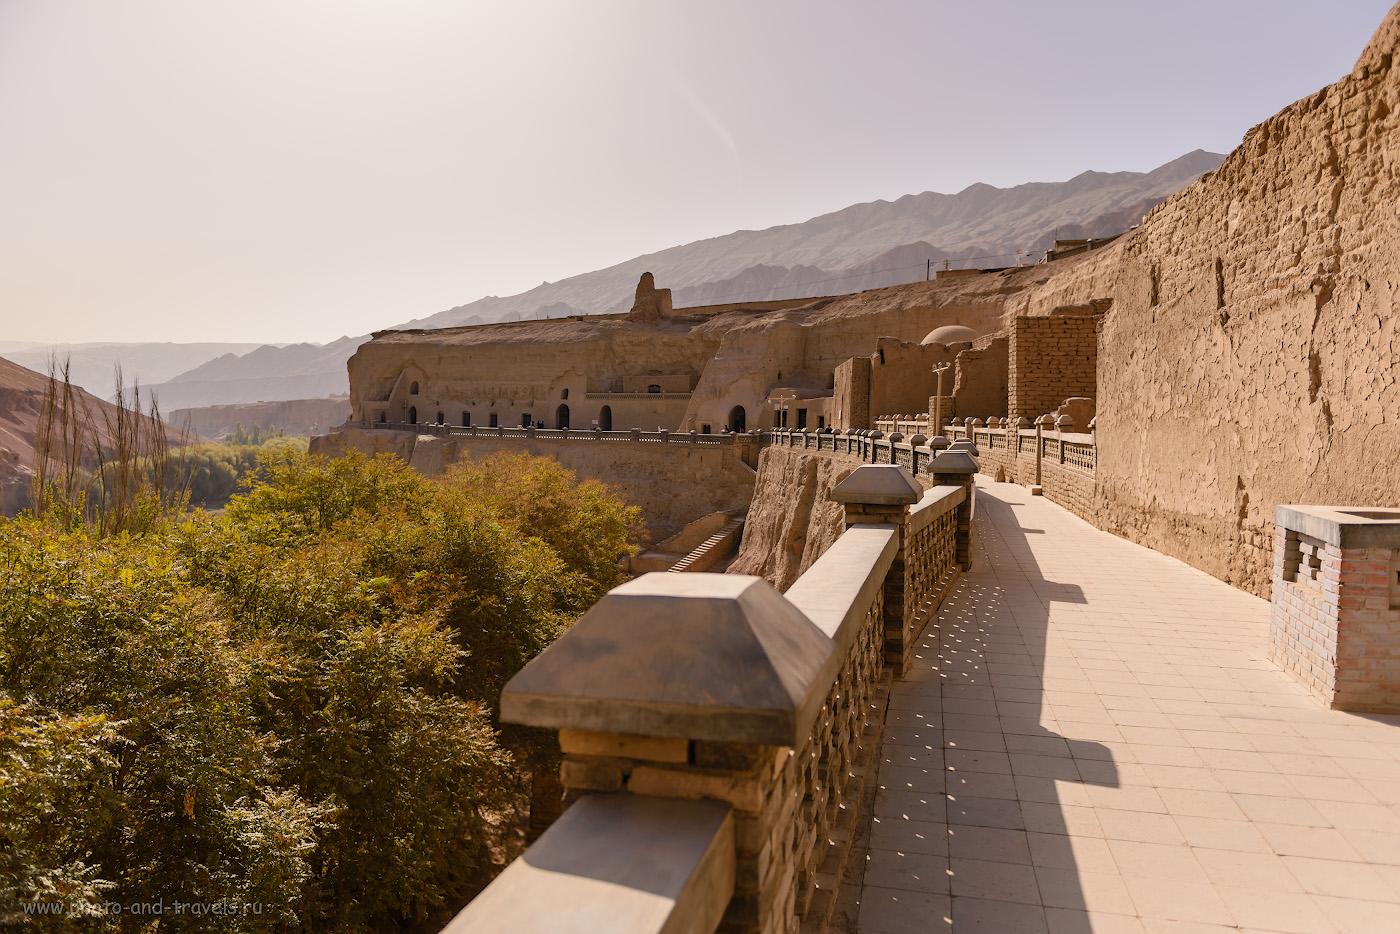 Фото 15. Пещеры тысячи Будд Безеклик в пылающих горах рядом с Турфаном. Куда поехать на экскурсии из Урумчи? Отзывы о путешествии по Китаю. 1/3200, -1.0, 2.8, 100, 24.